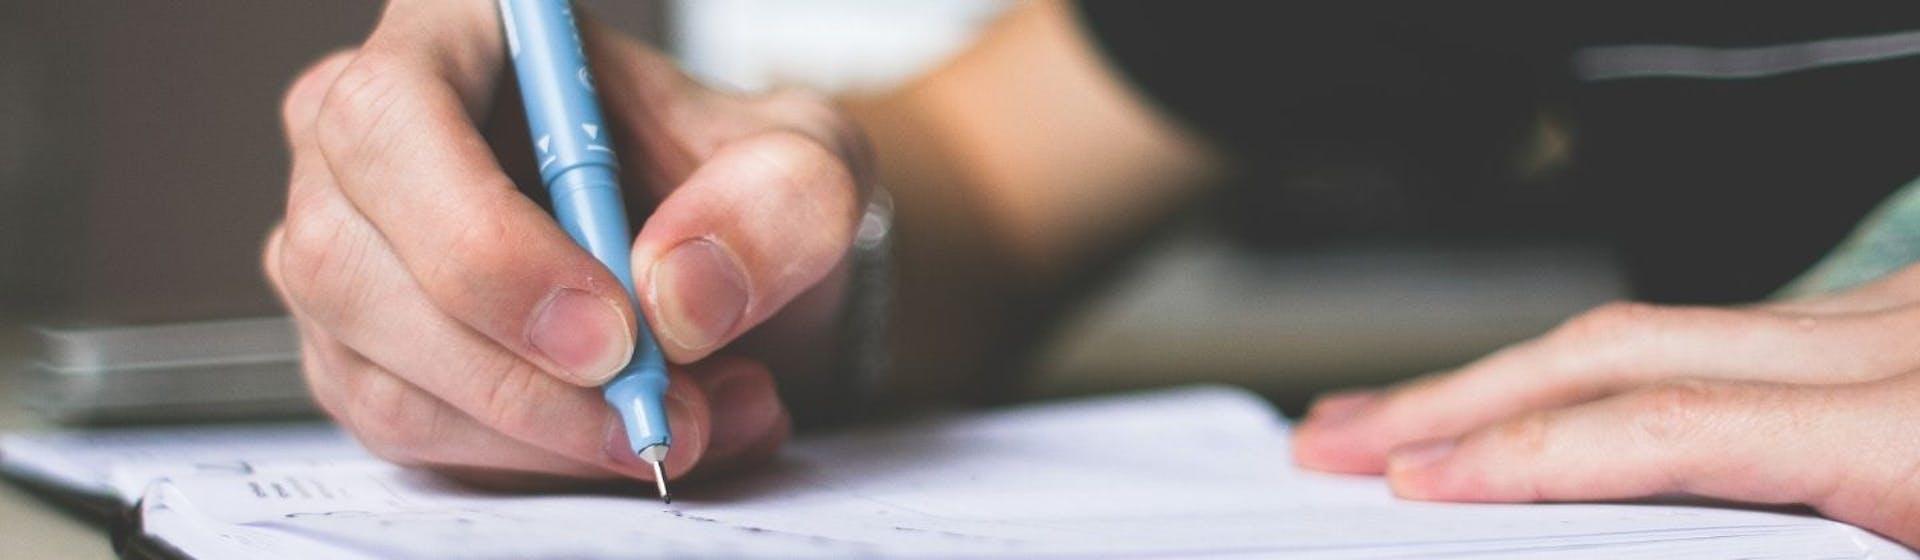 ¿Cómo hacer un ensayo?: Esta es la forma más fácil de empezar